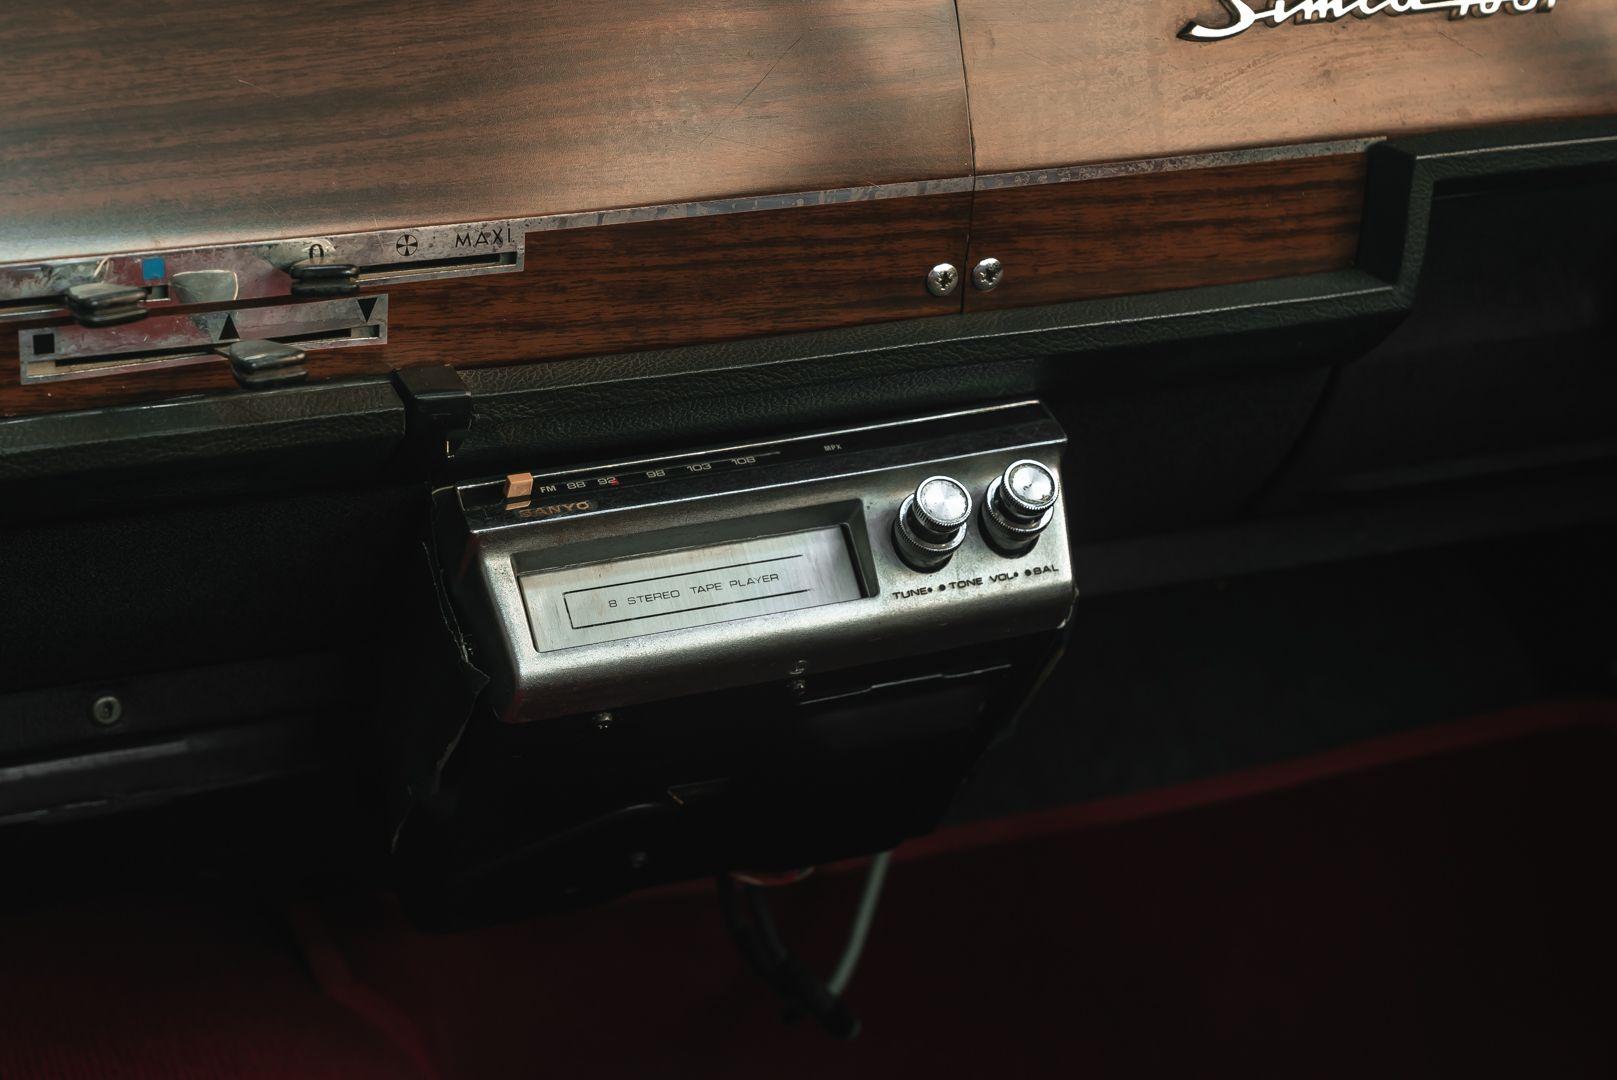 1969 Simca 1301 EL 81046